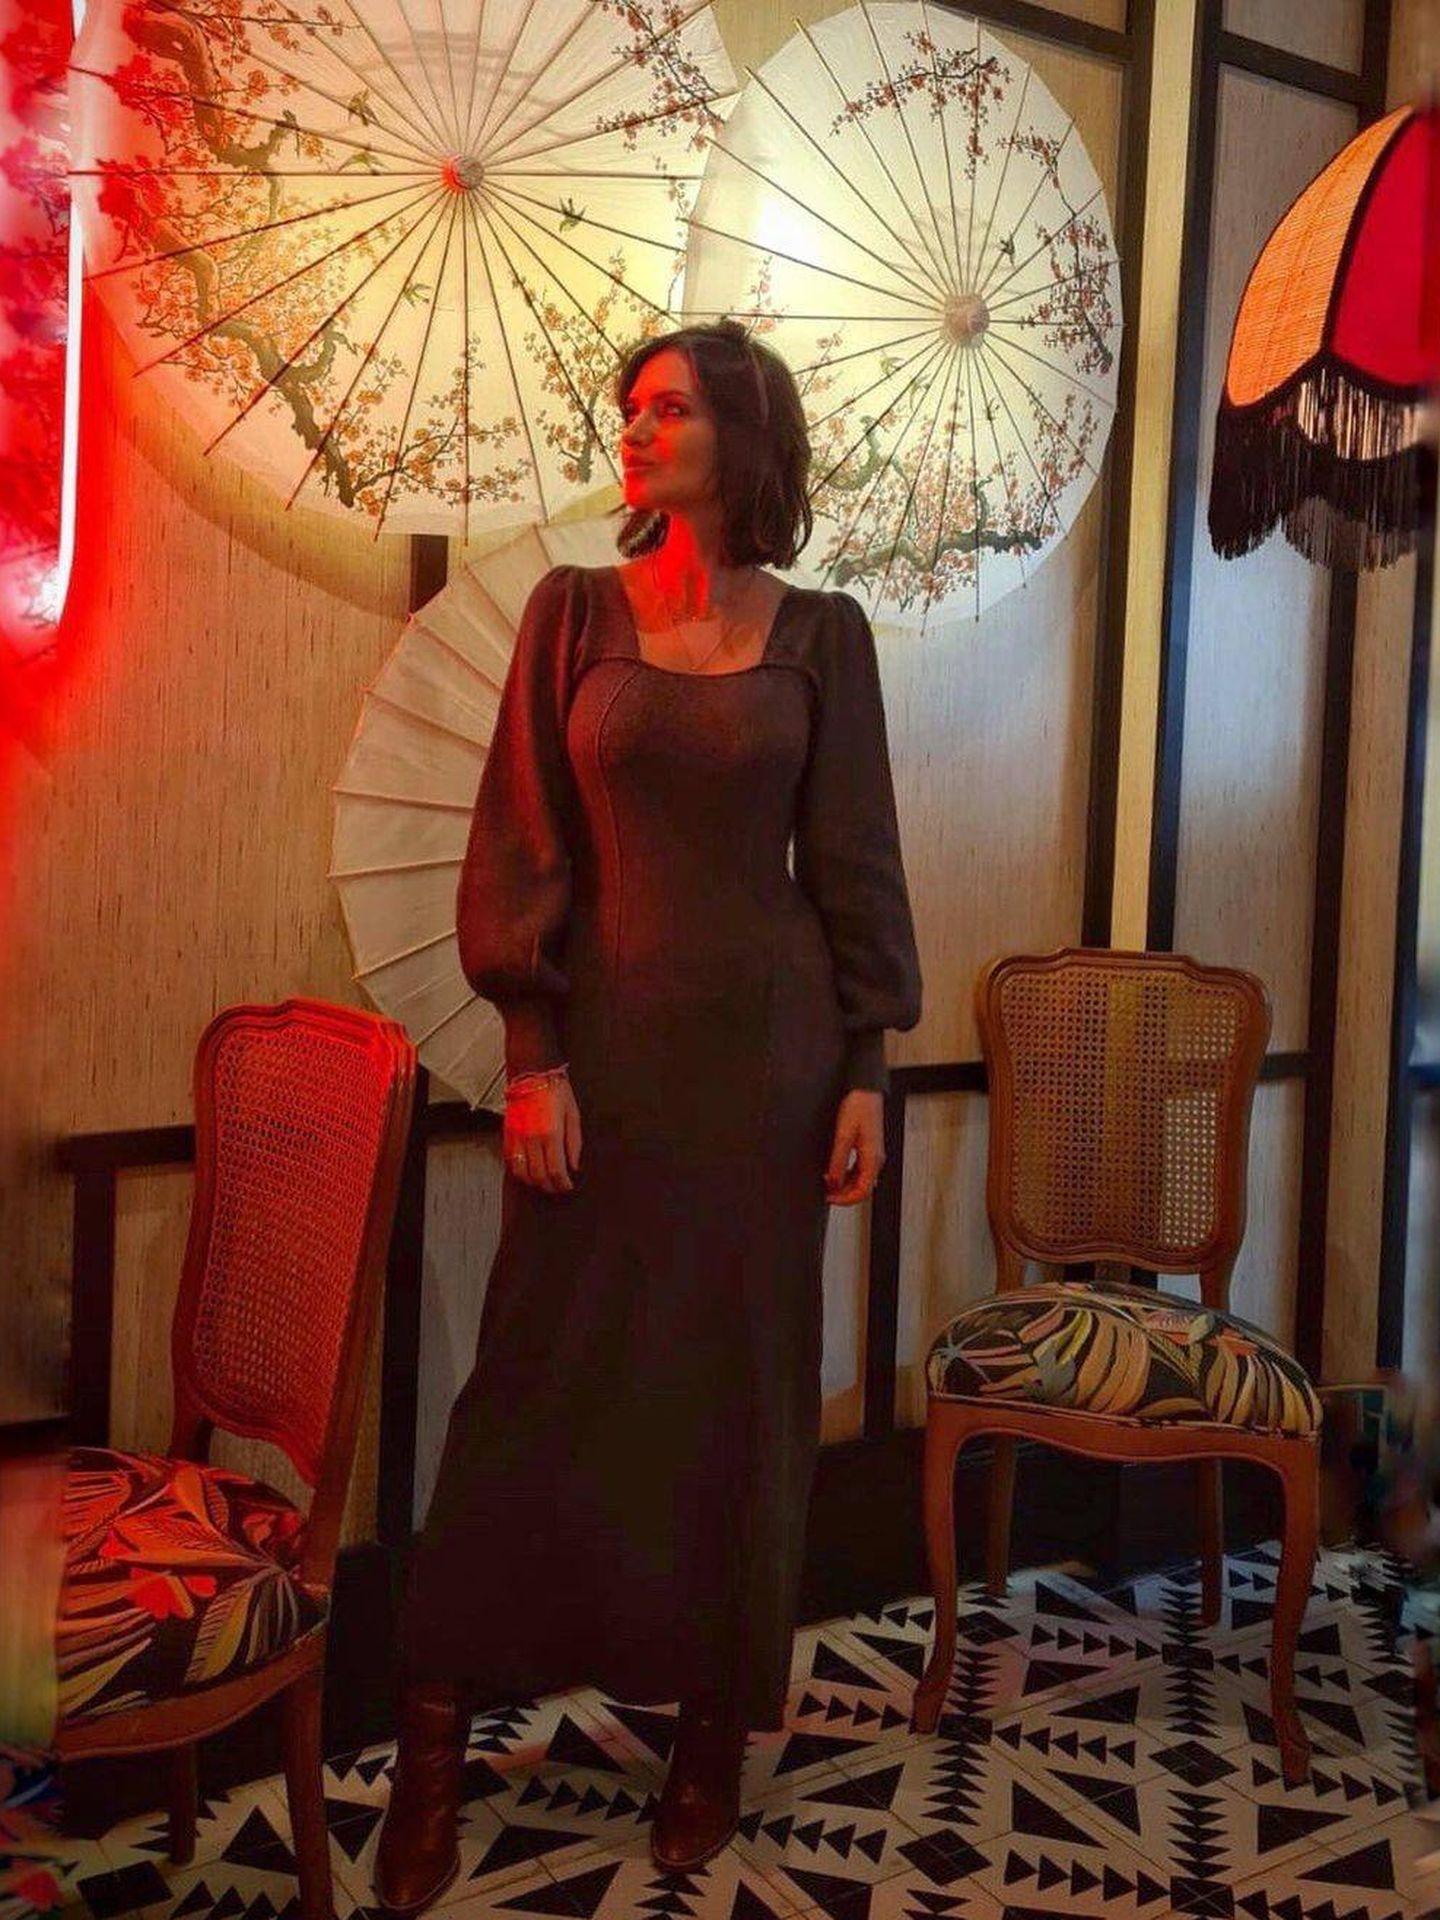 Sara Carbonero y el vestido de Zara de sus sueños. (Instagram, @saracarbonero)